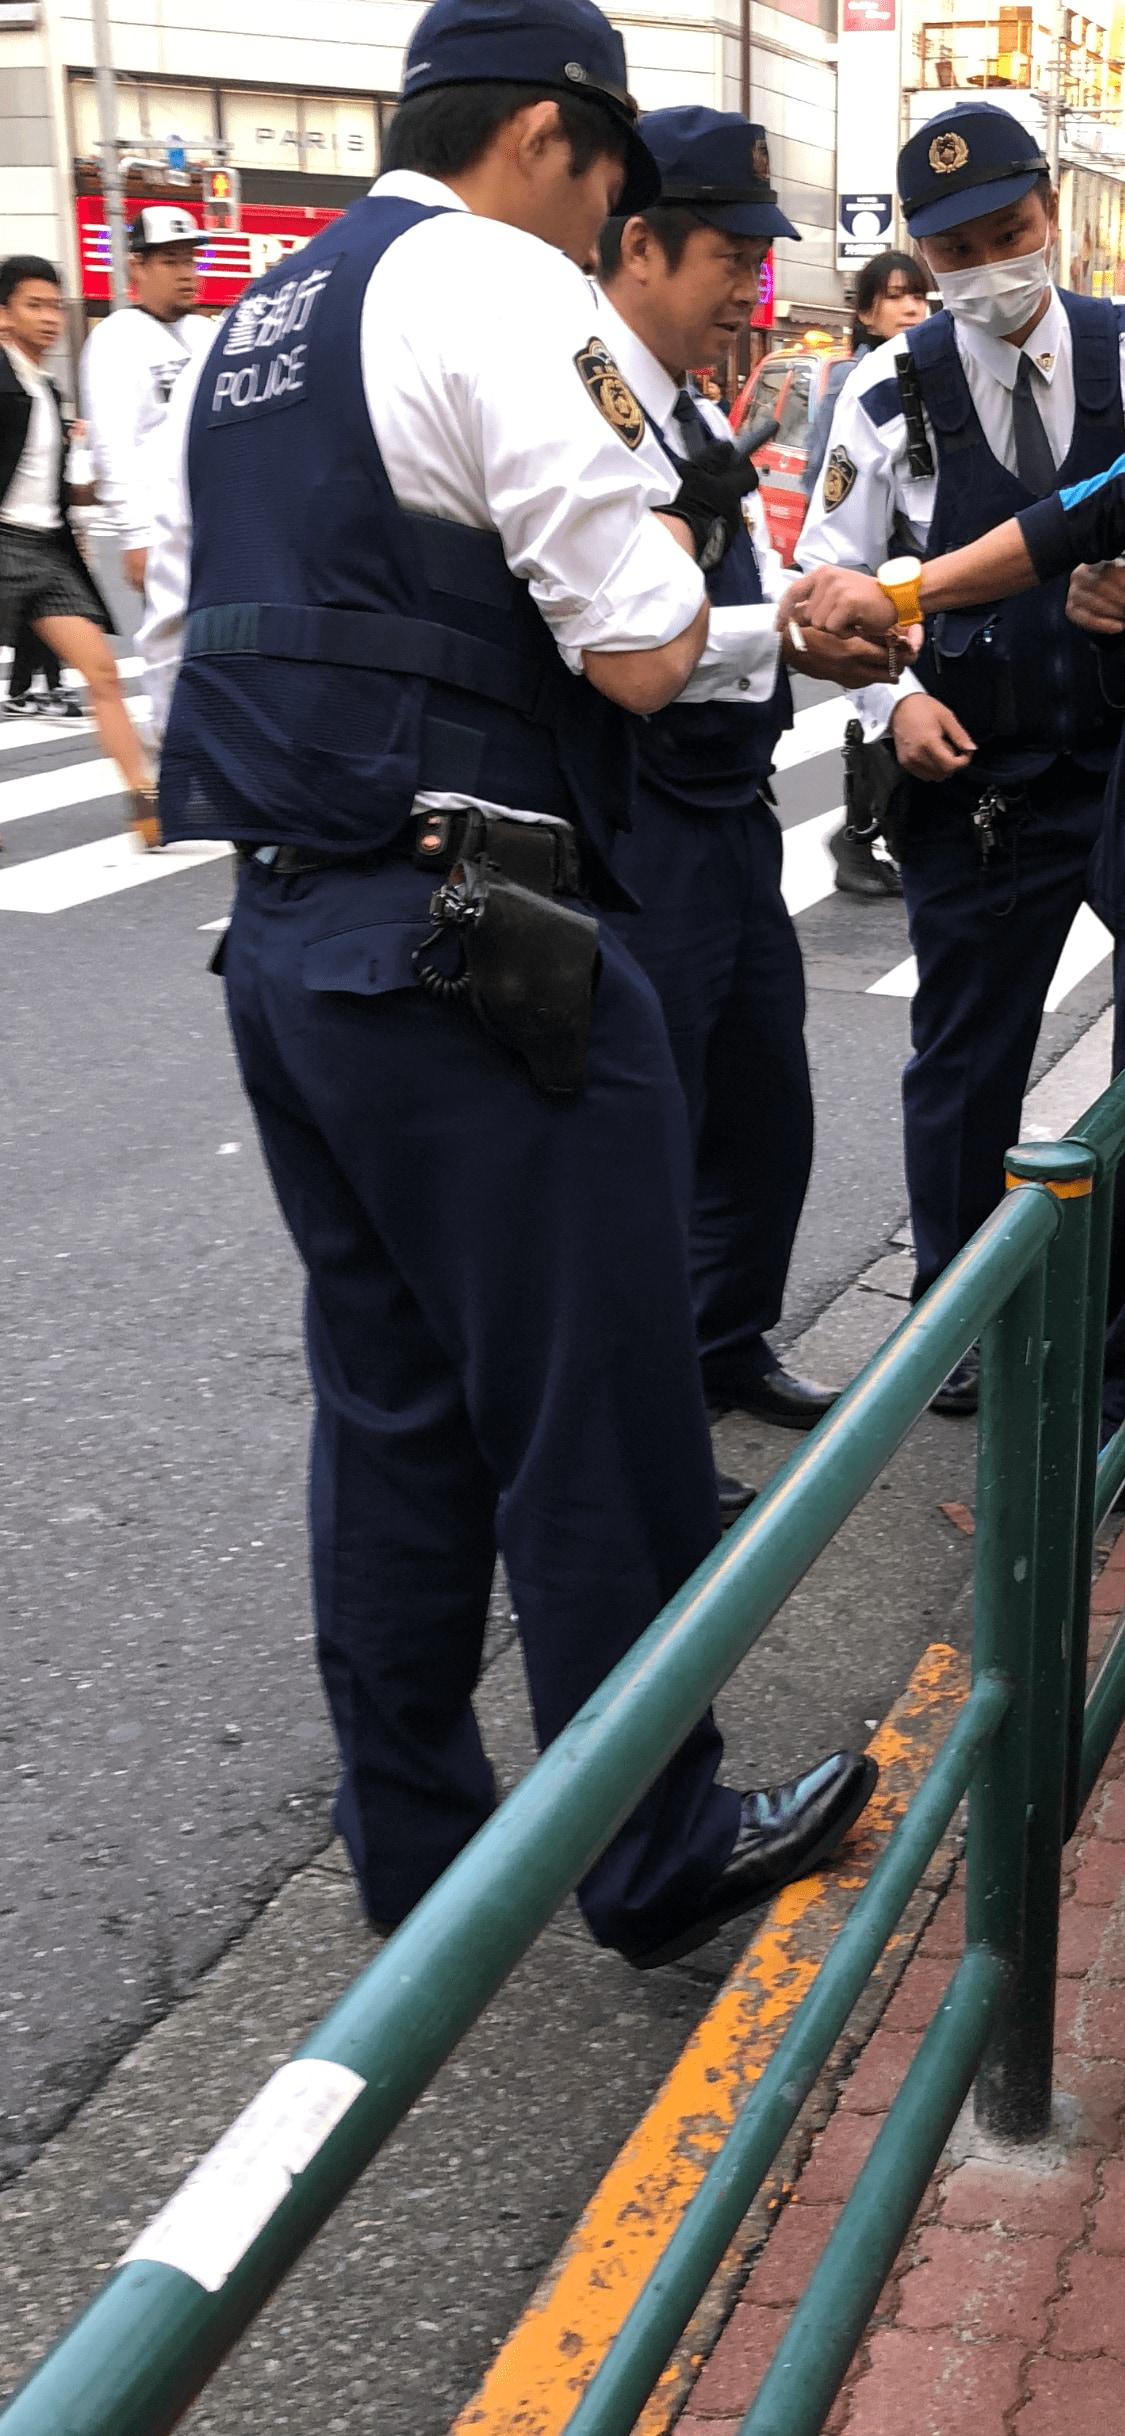 ラッパーの漢、大麻所持で逮捕 警察が注目する「入手先」とは ...